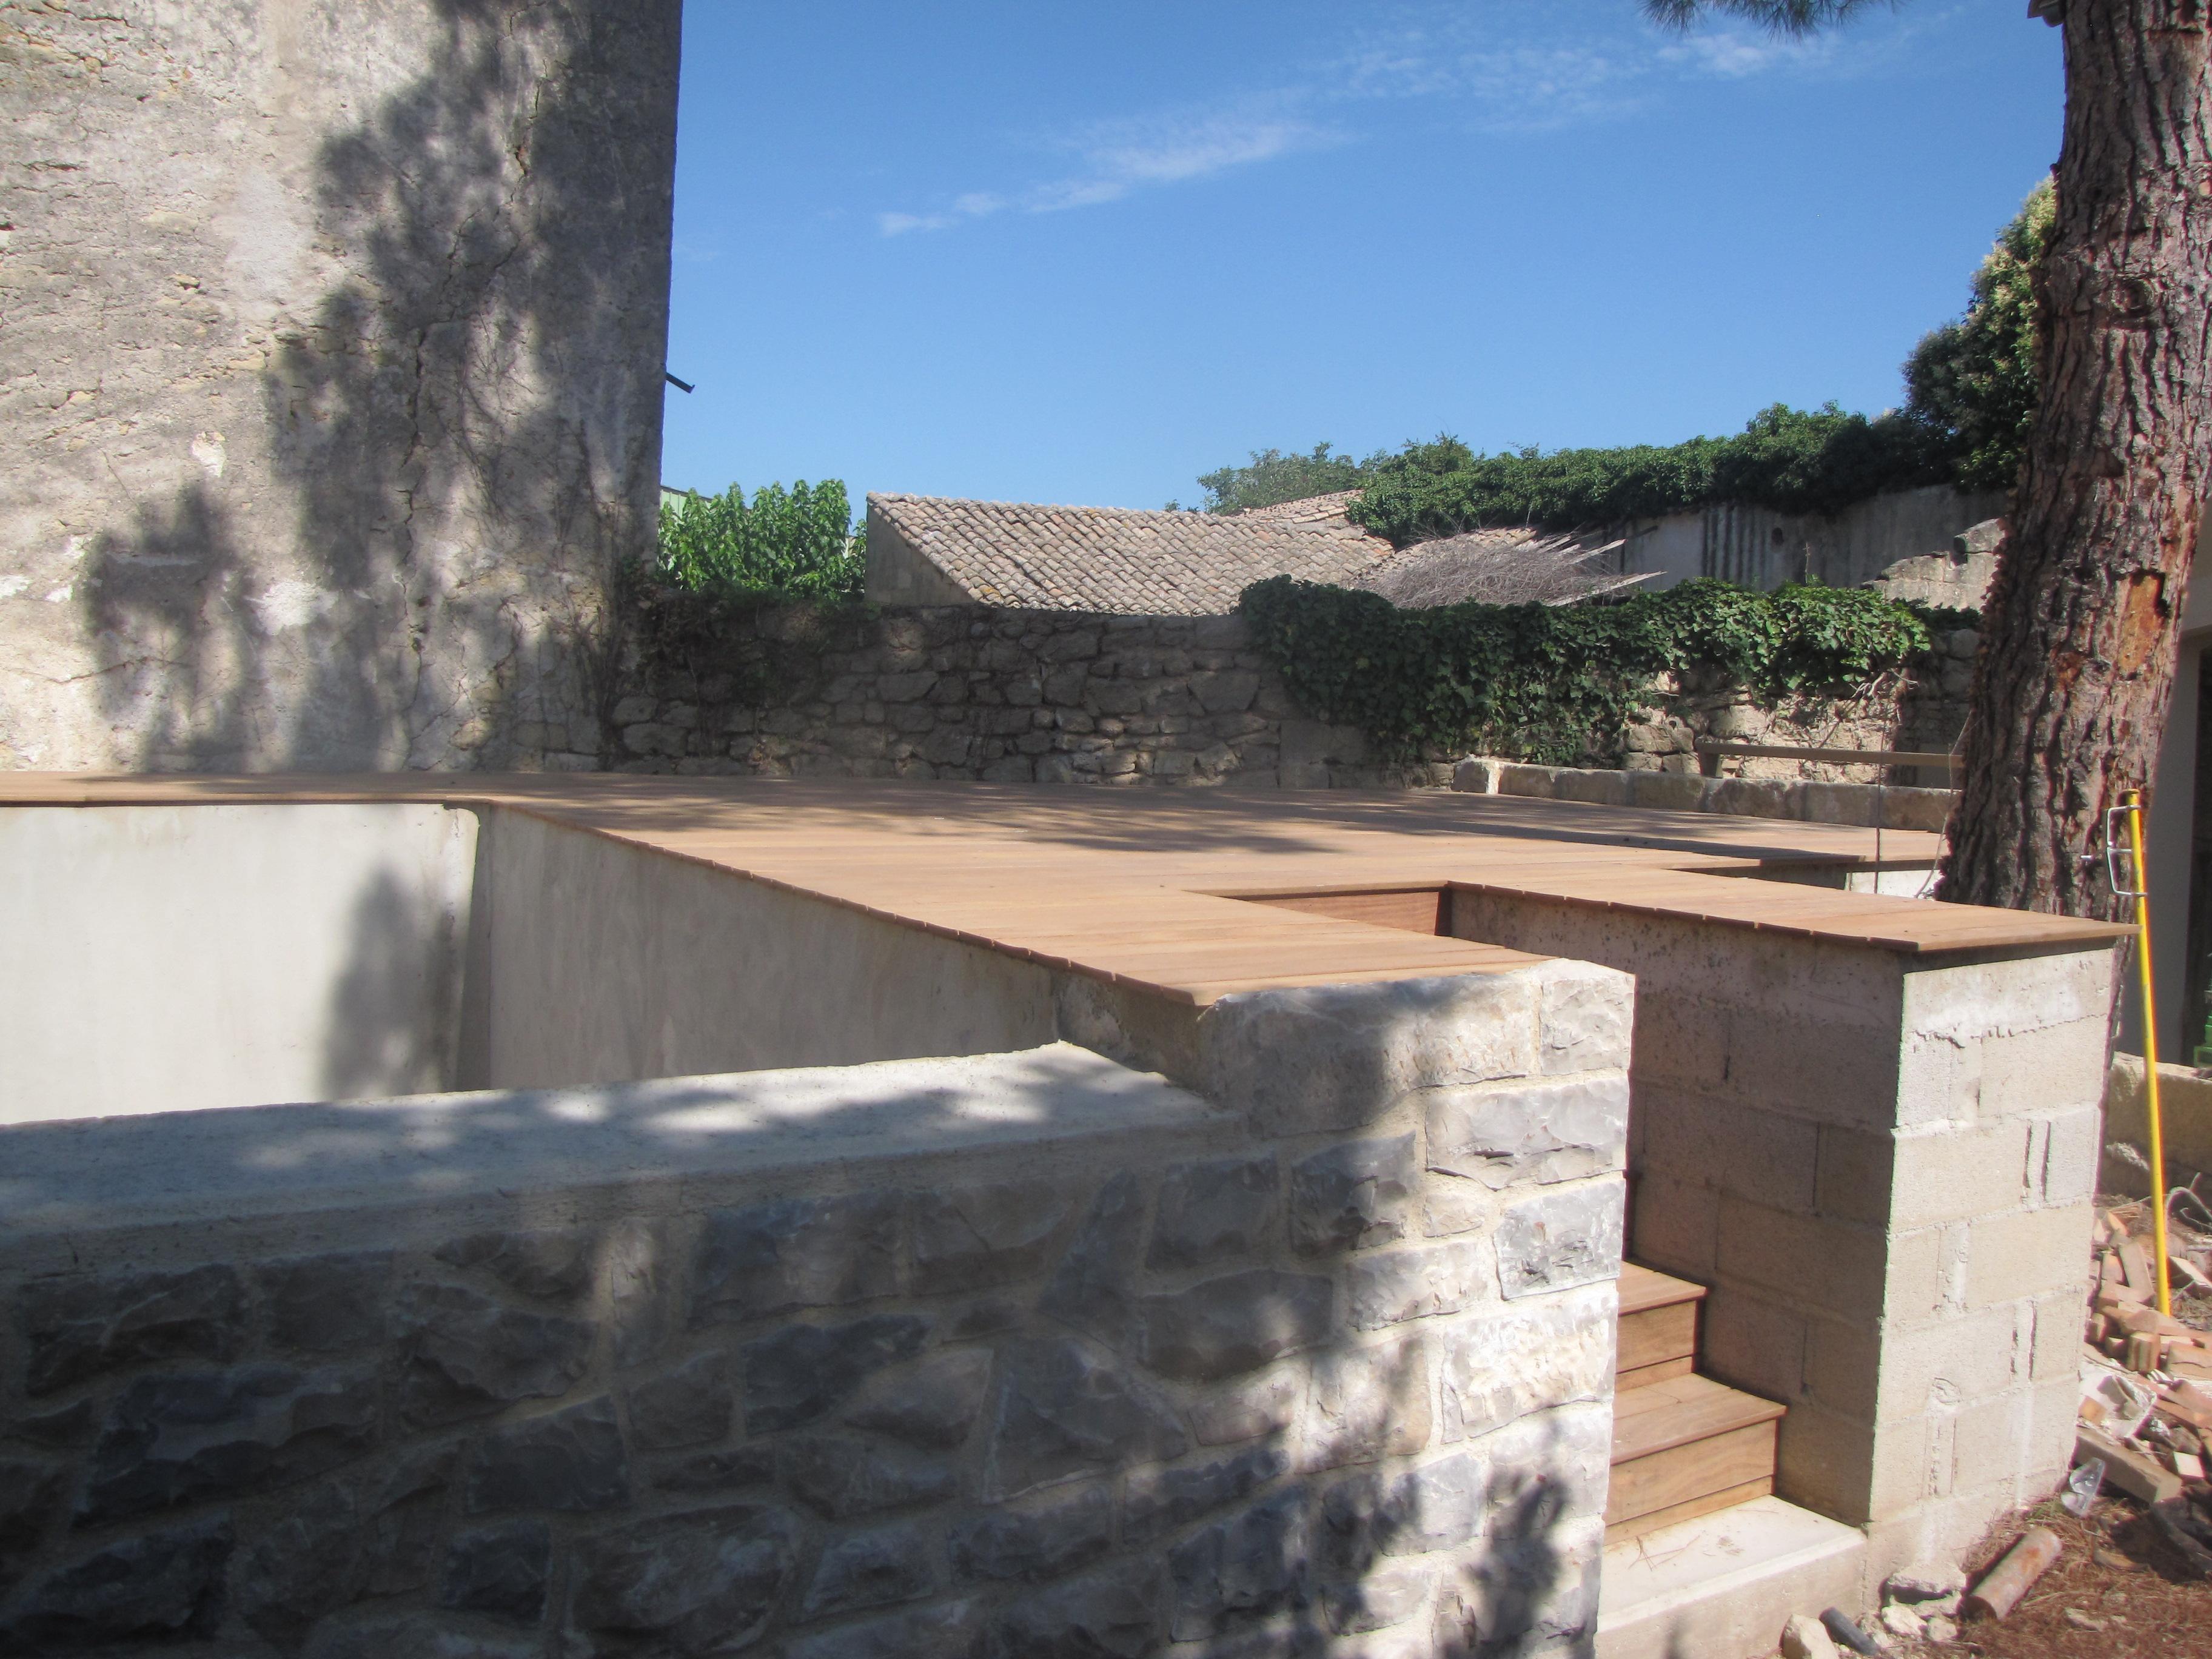 Desportes rénovation, Gard. Construction d'une piscine à débordement, habillage en pierre des extérieurs et plage en teck.